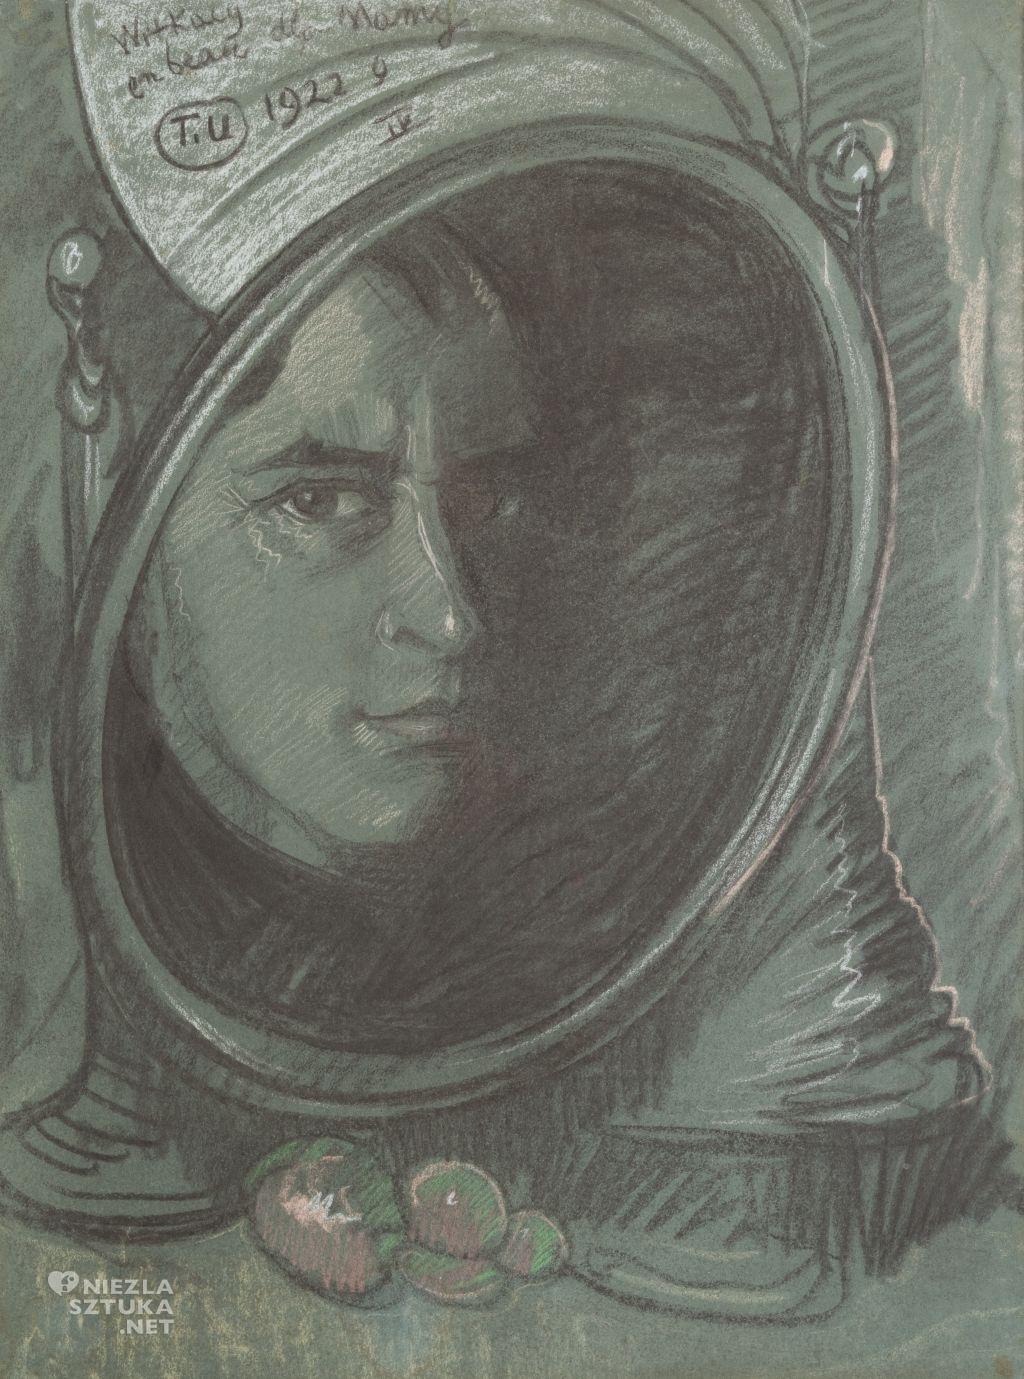 Stanisław Ignacy Witkiewicz, Autoportret w lustrze, 1922, Muzeum Narodowe w Krakowie